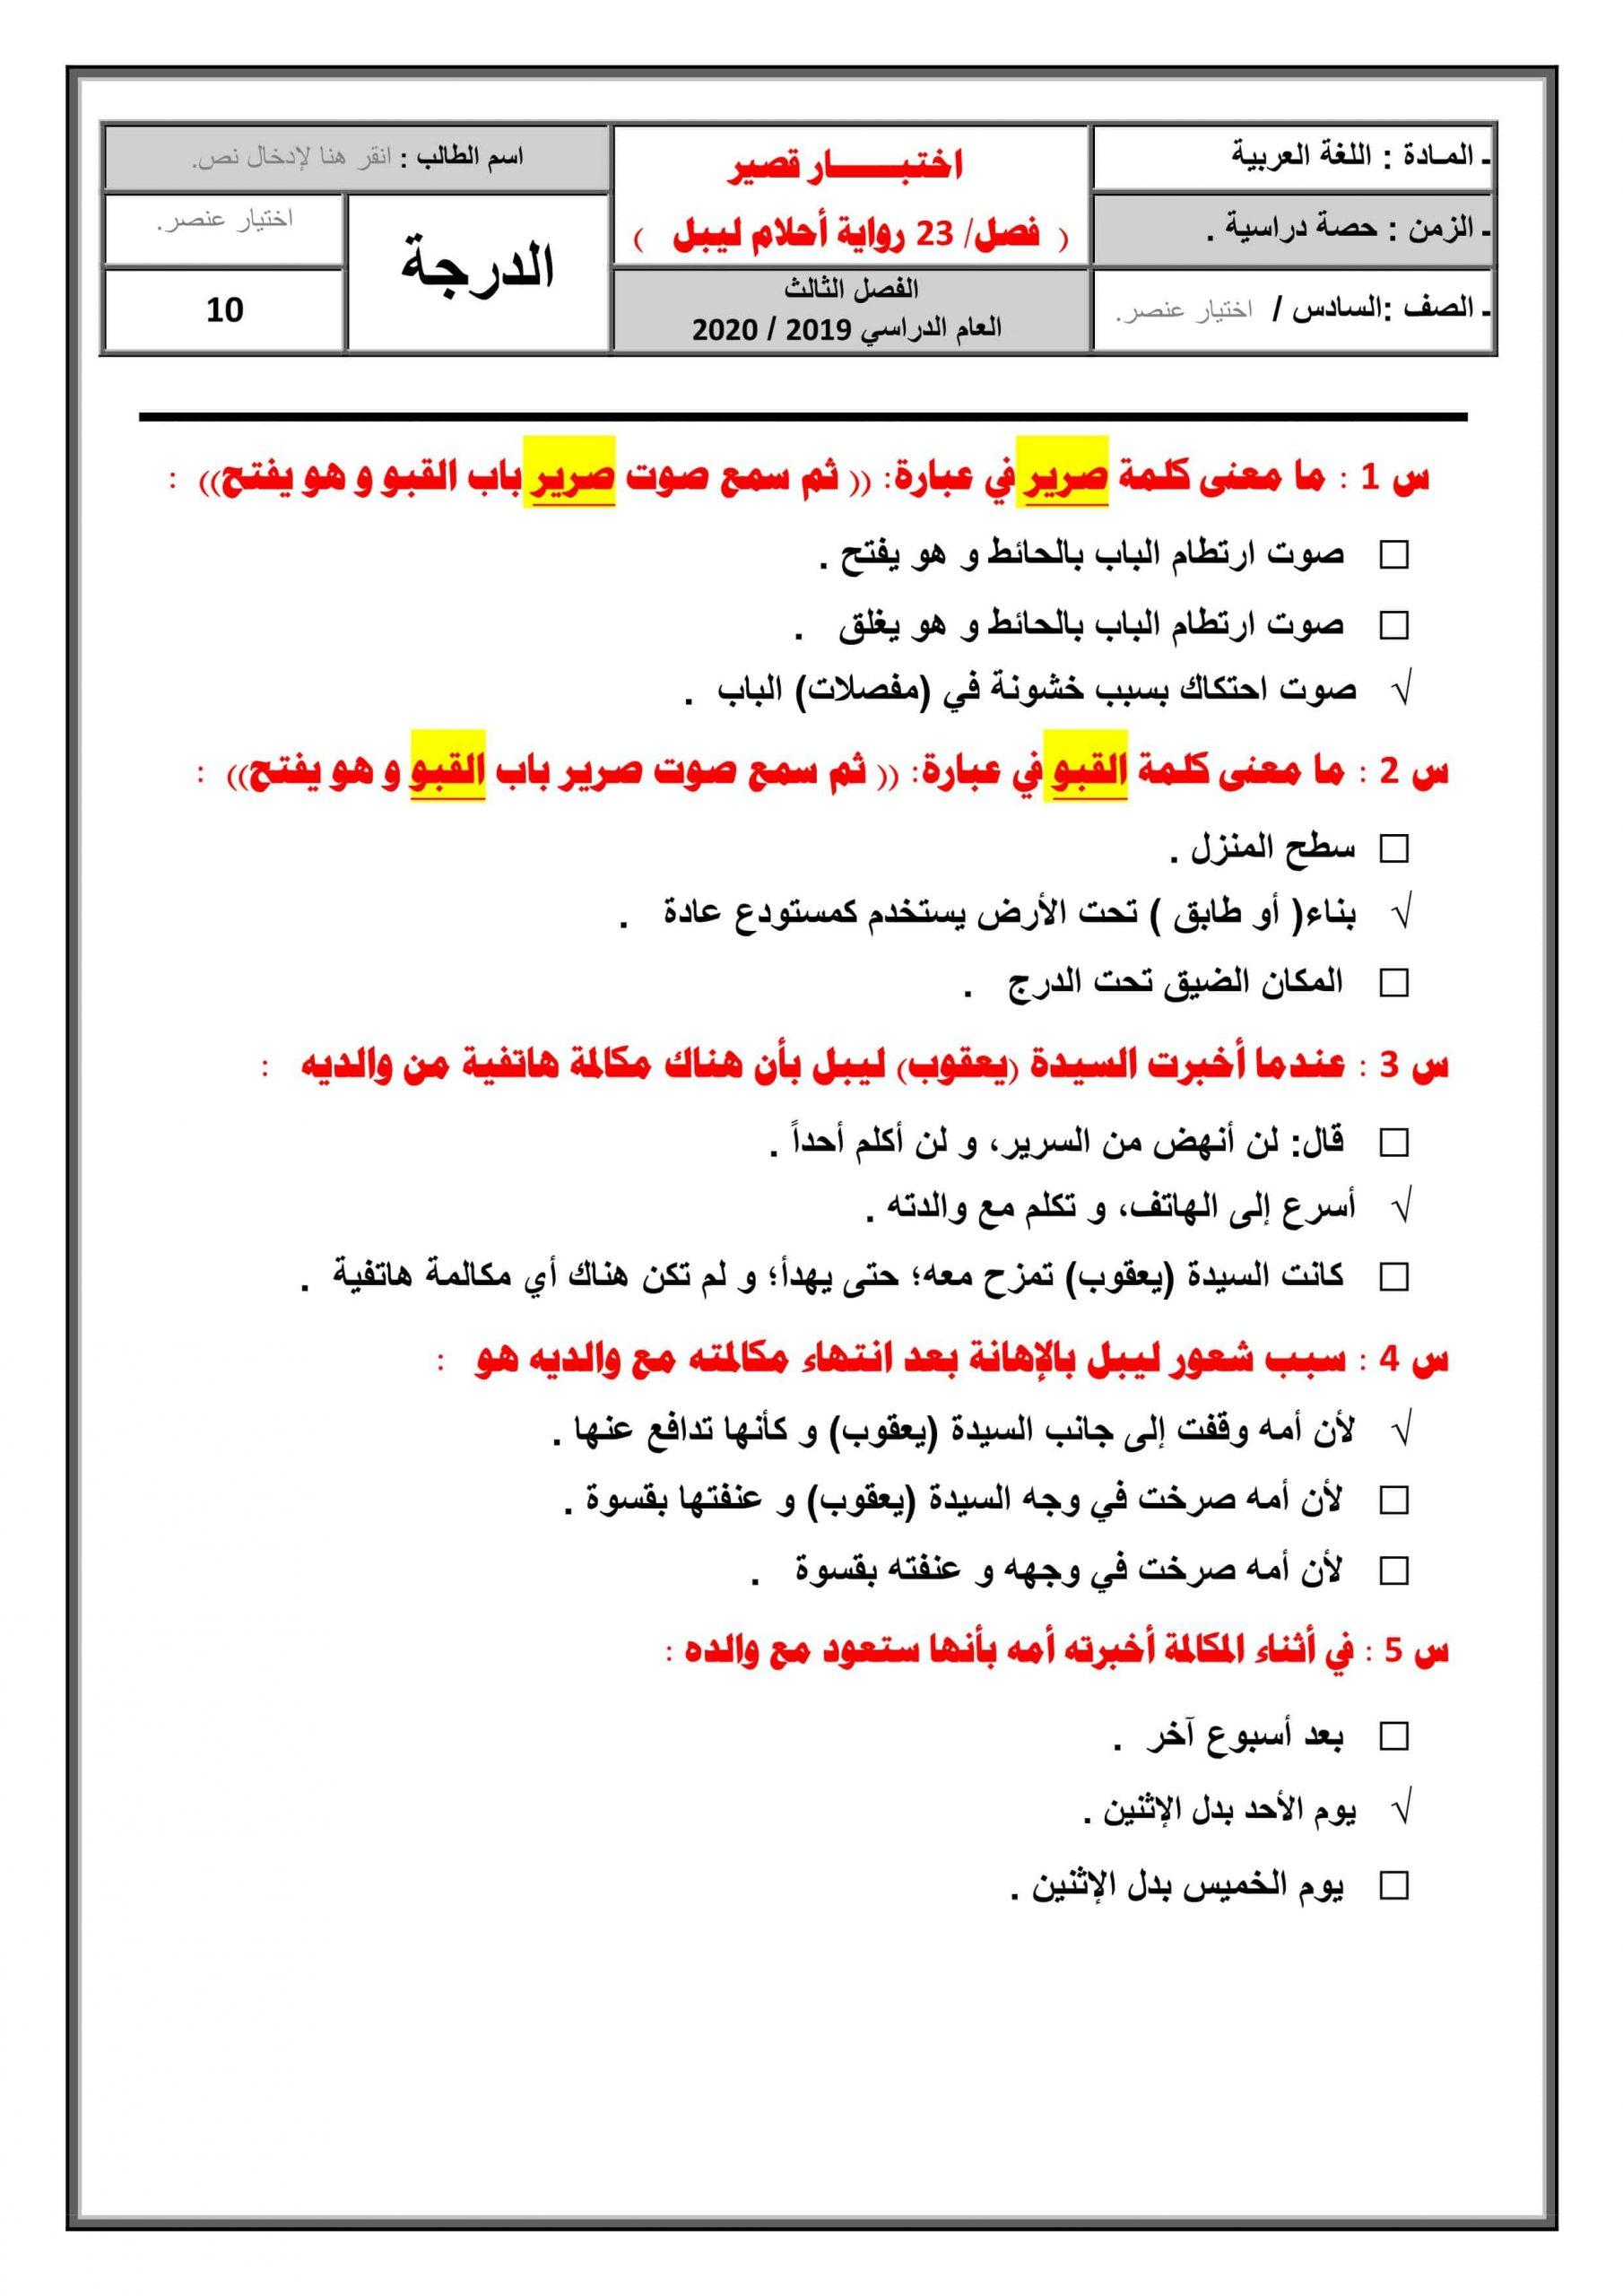 حل اختبار قصير لرواية أحلام ليبل السعيدة الفصل الثالث والعشرون الصف السادس مادة اللغة العربية